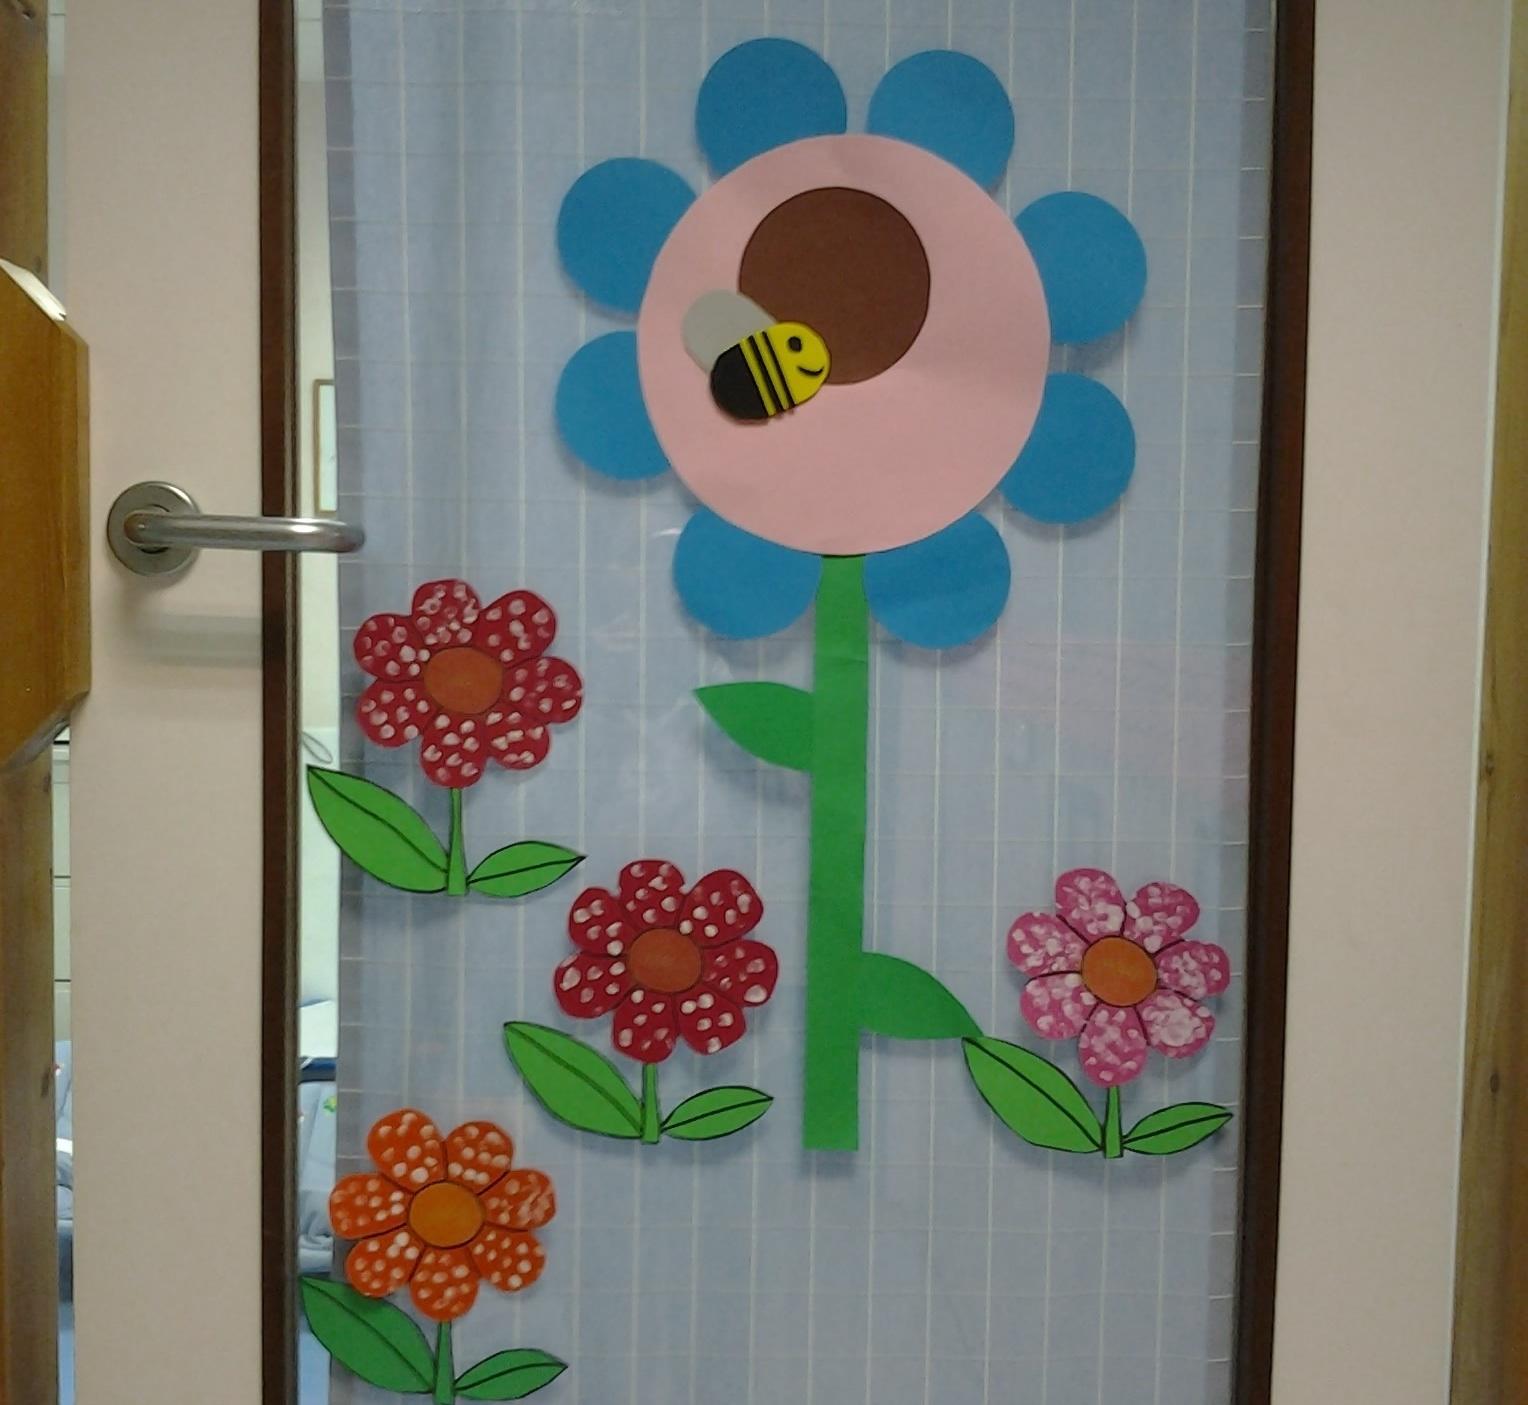 Primavera puertas 23 imagenes educativas - Cosas para decorar ...